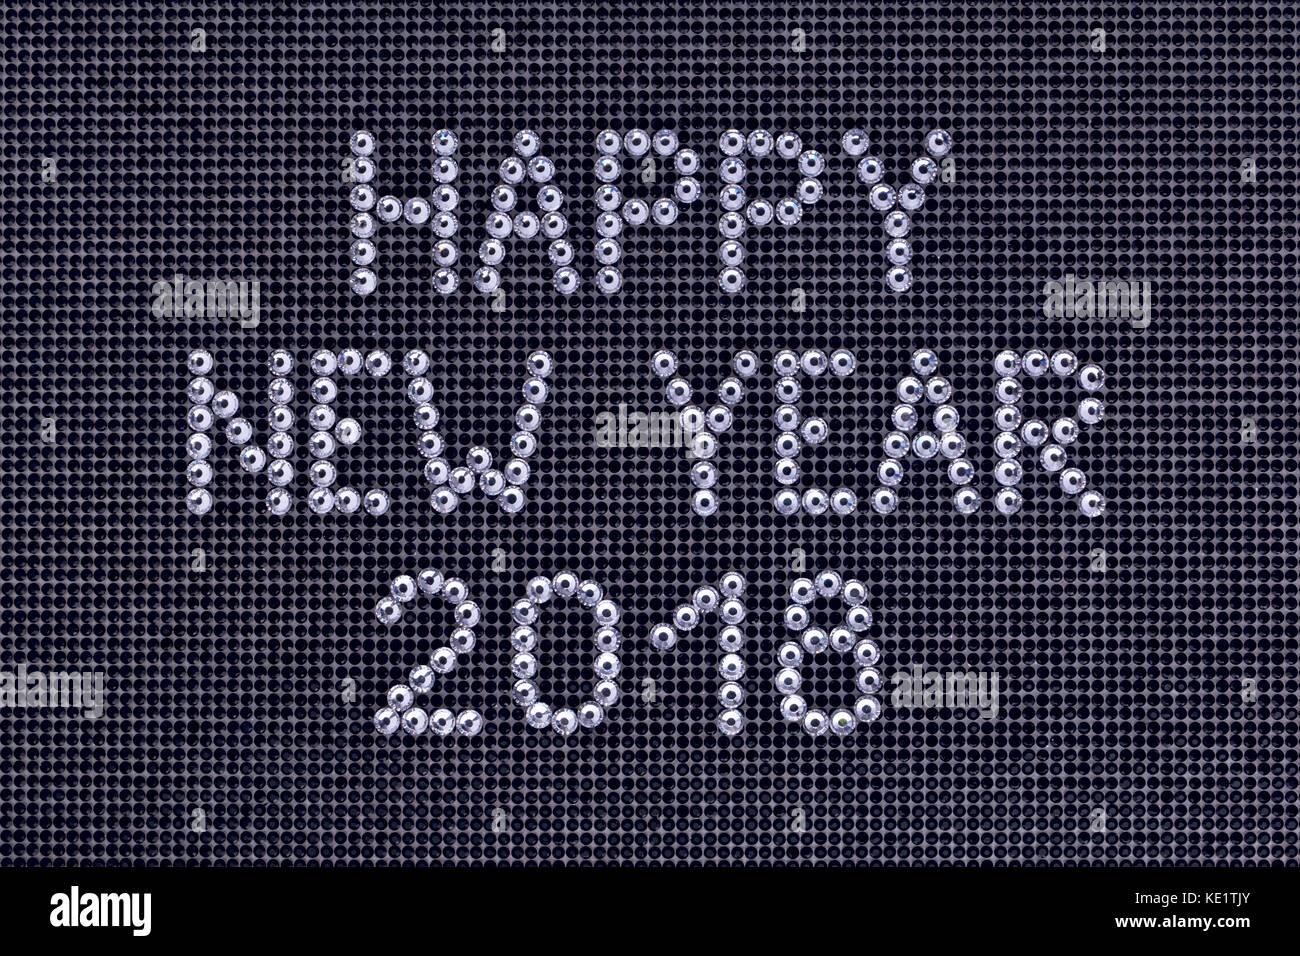 Wünsche ein frohes neues Jahr 2018 ist Strass Kristall Farbe auf ...